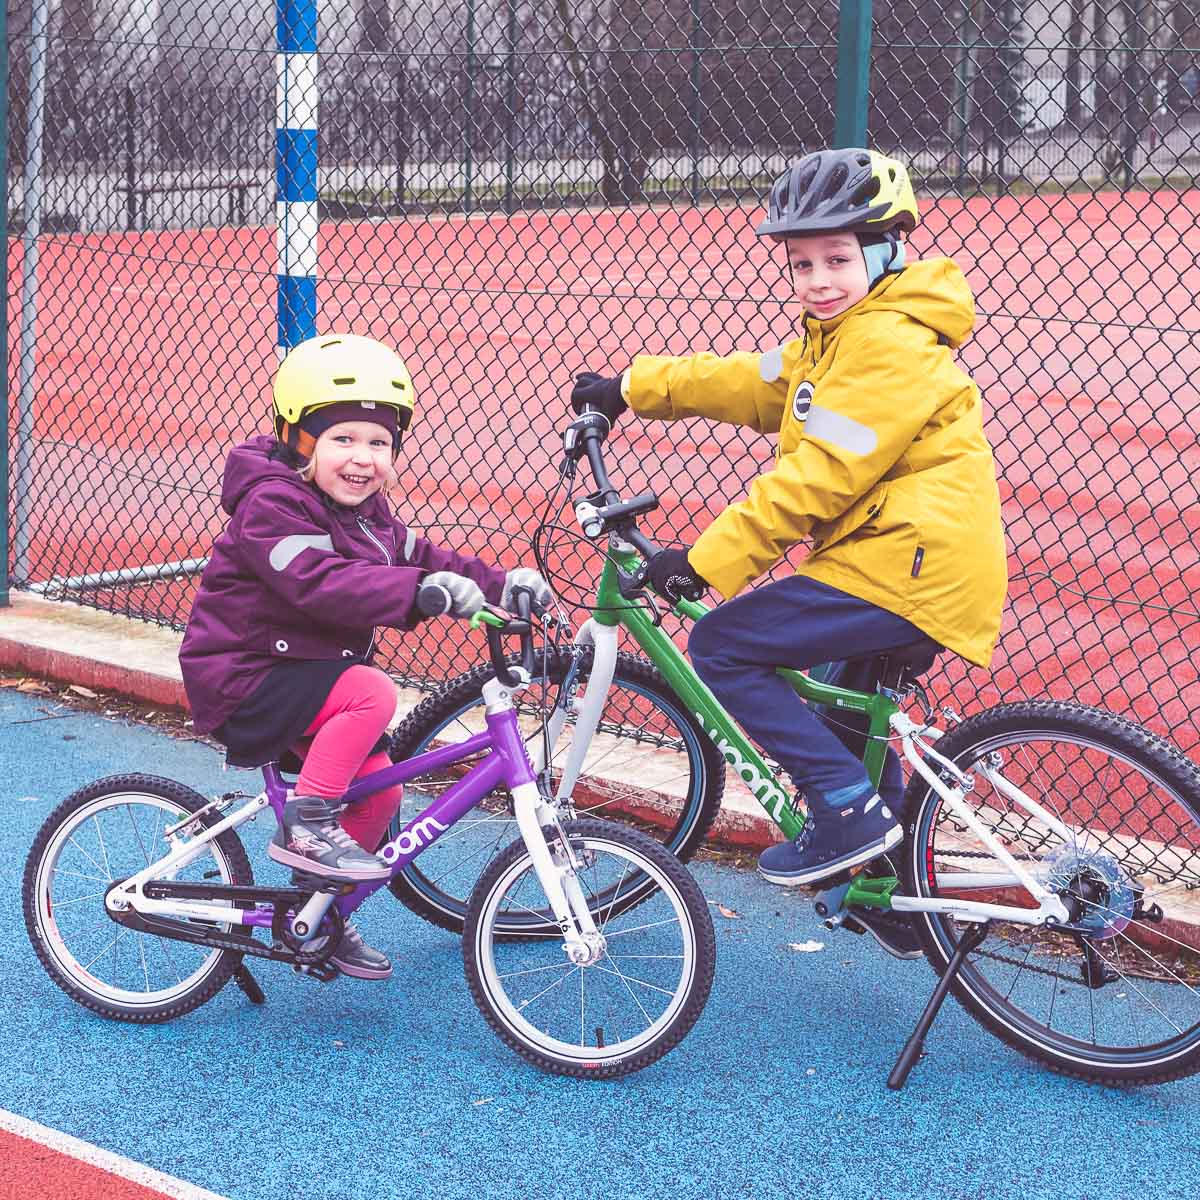 Lekki Rower Dla Dziecka Rabat Na Lepsze Czasy Blog Parentingowy Ronja Pl